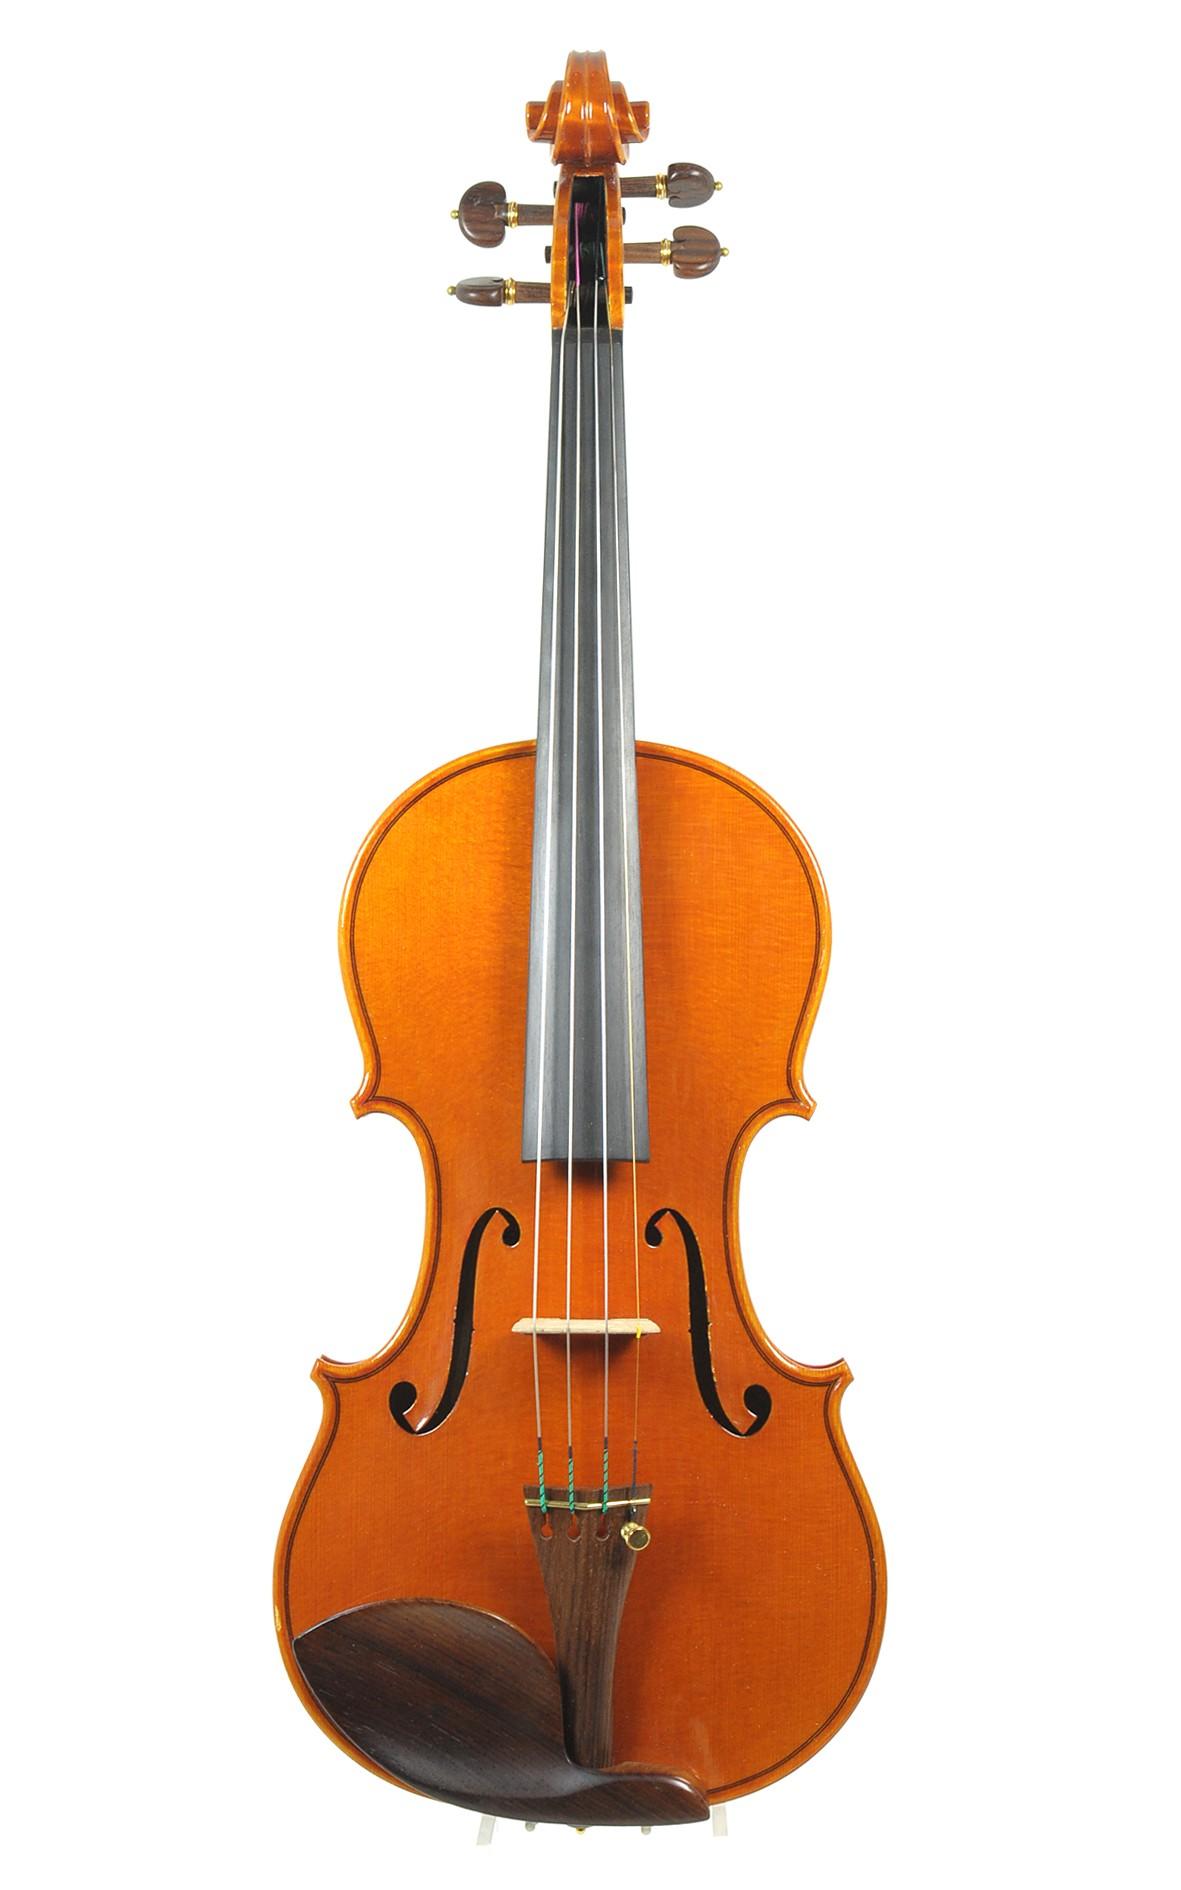 Italian master violin by Daniele Scolari, Cremona